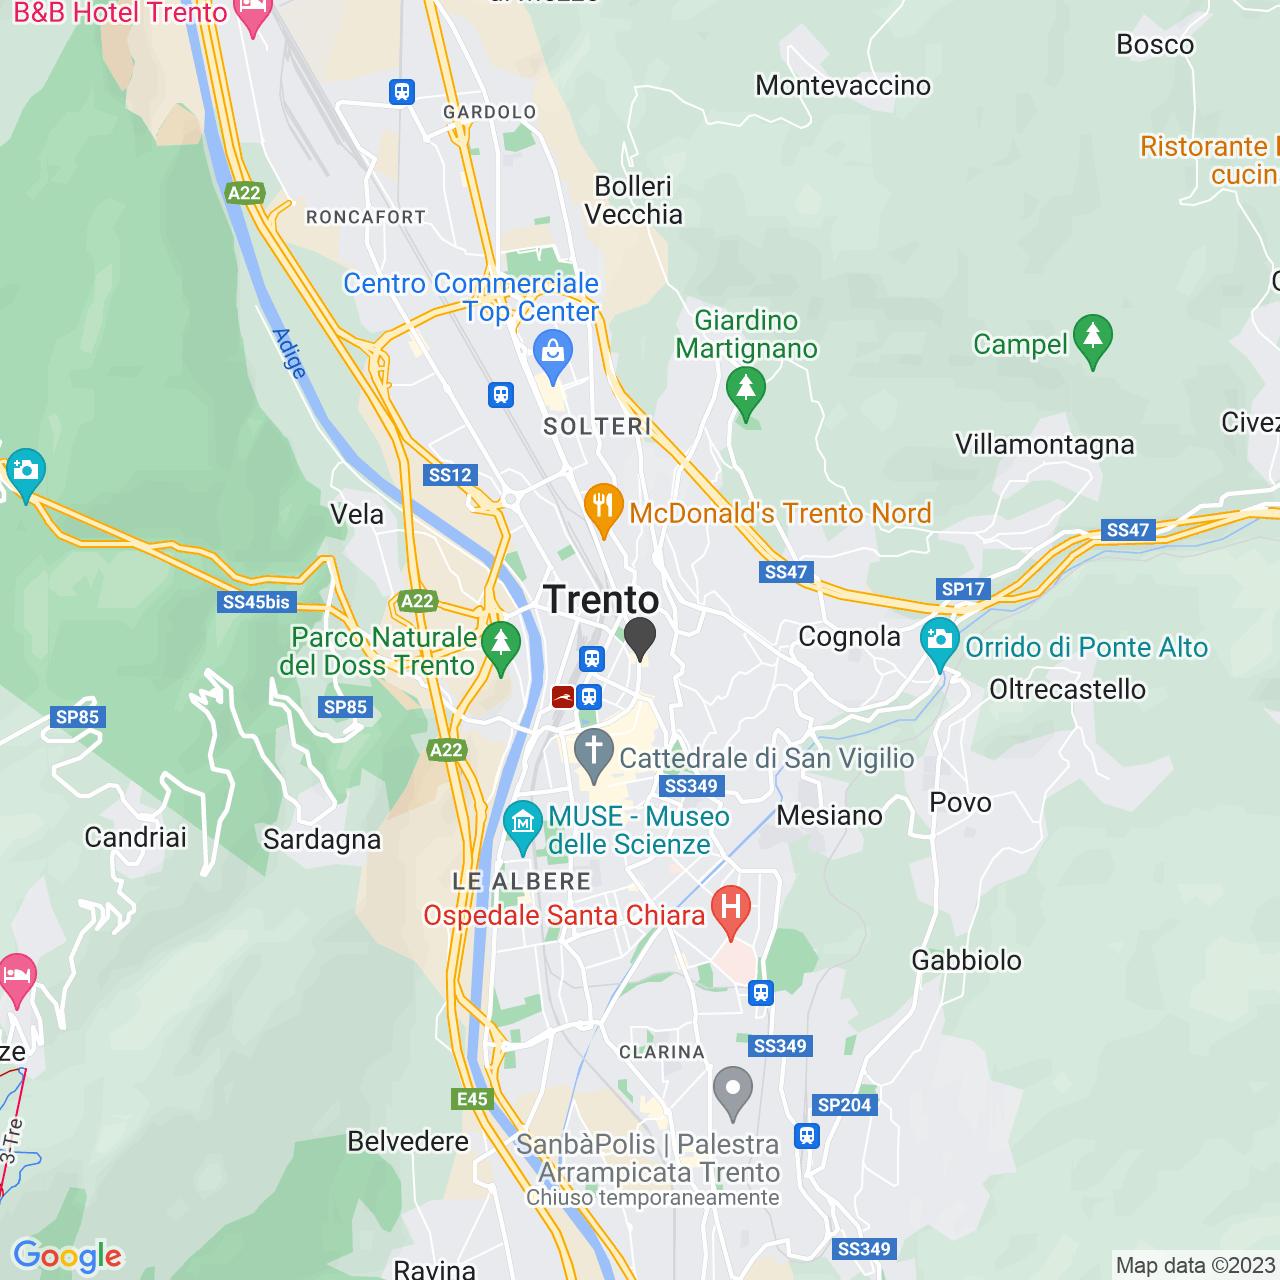 Chiesa Evangelica di Trento